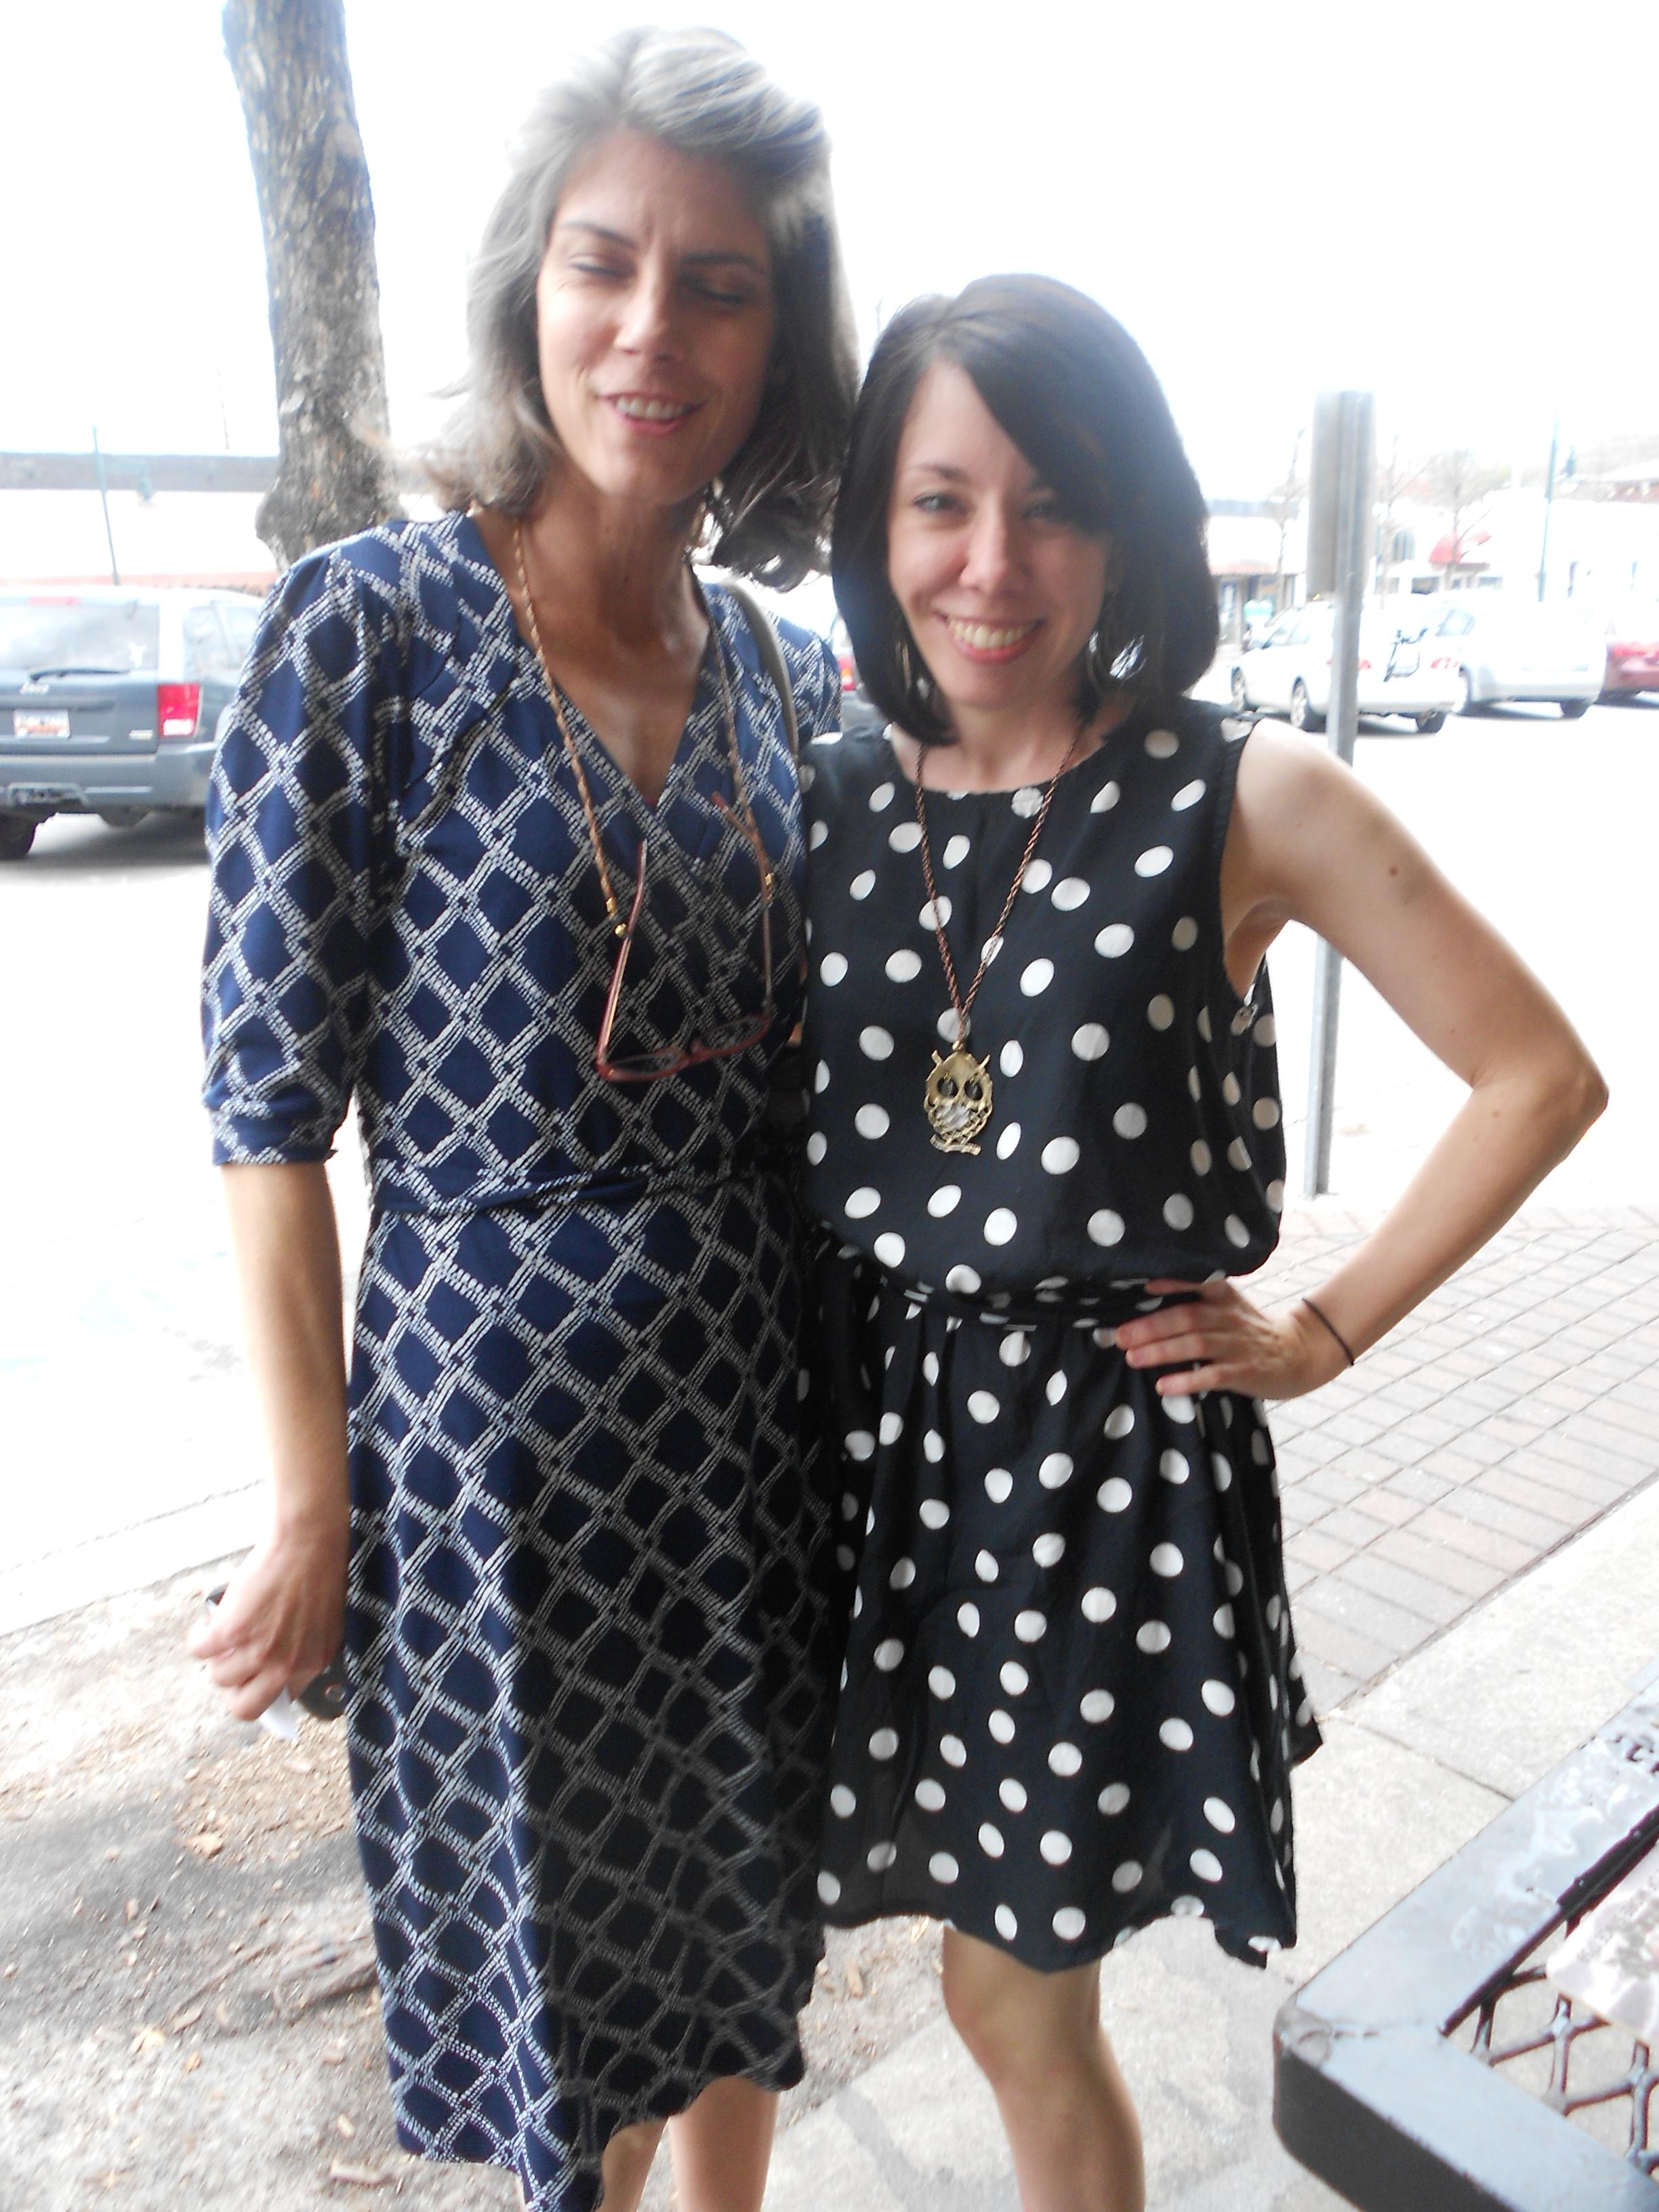 Day 243: Feeling Spotty Dress 9